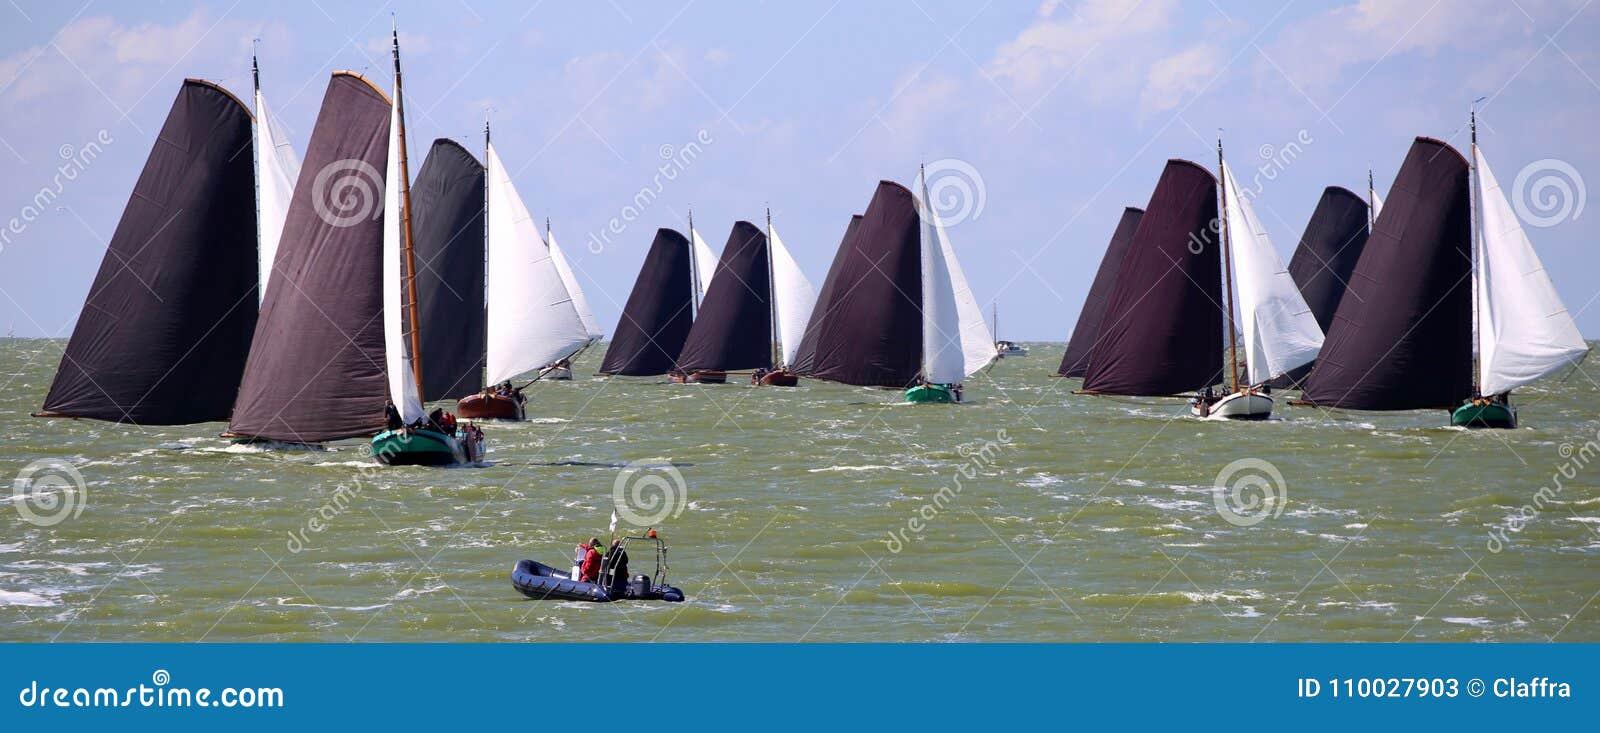 Varende schepen in de jaarlijkse concurrentie